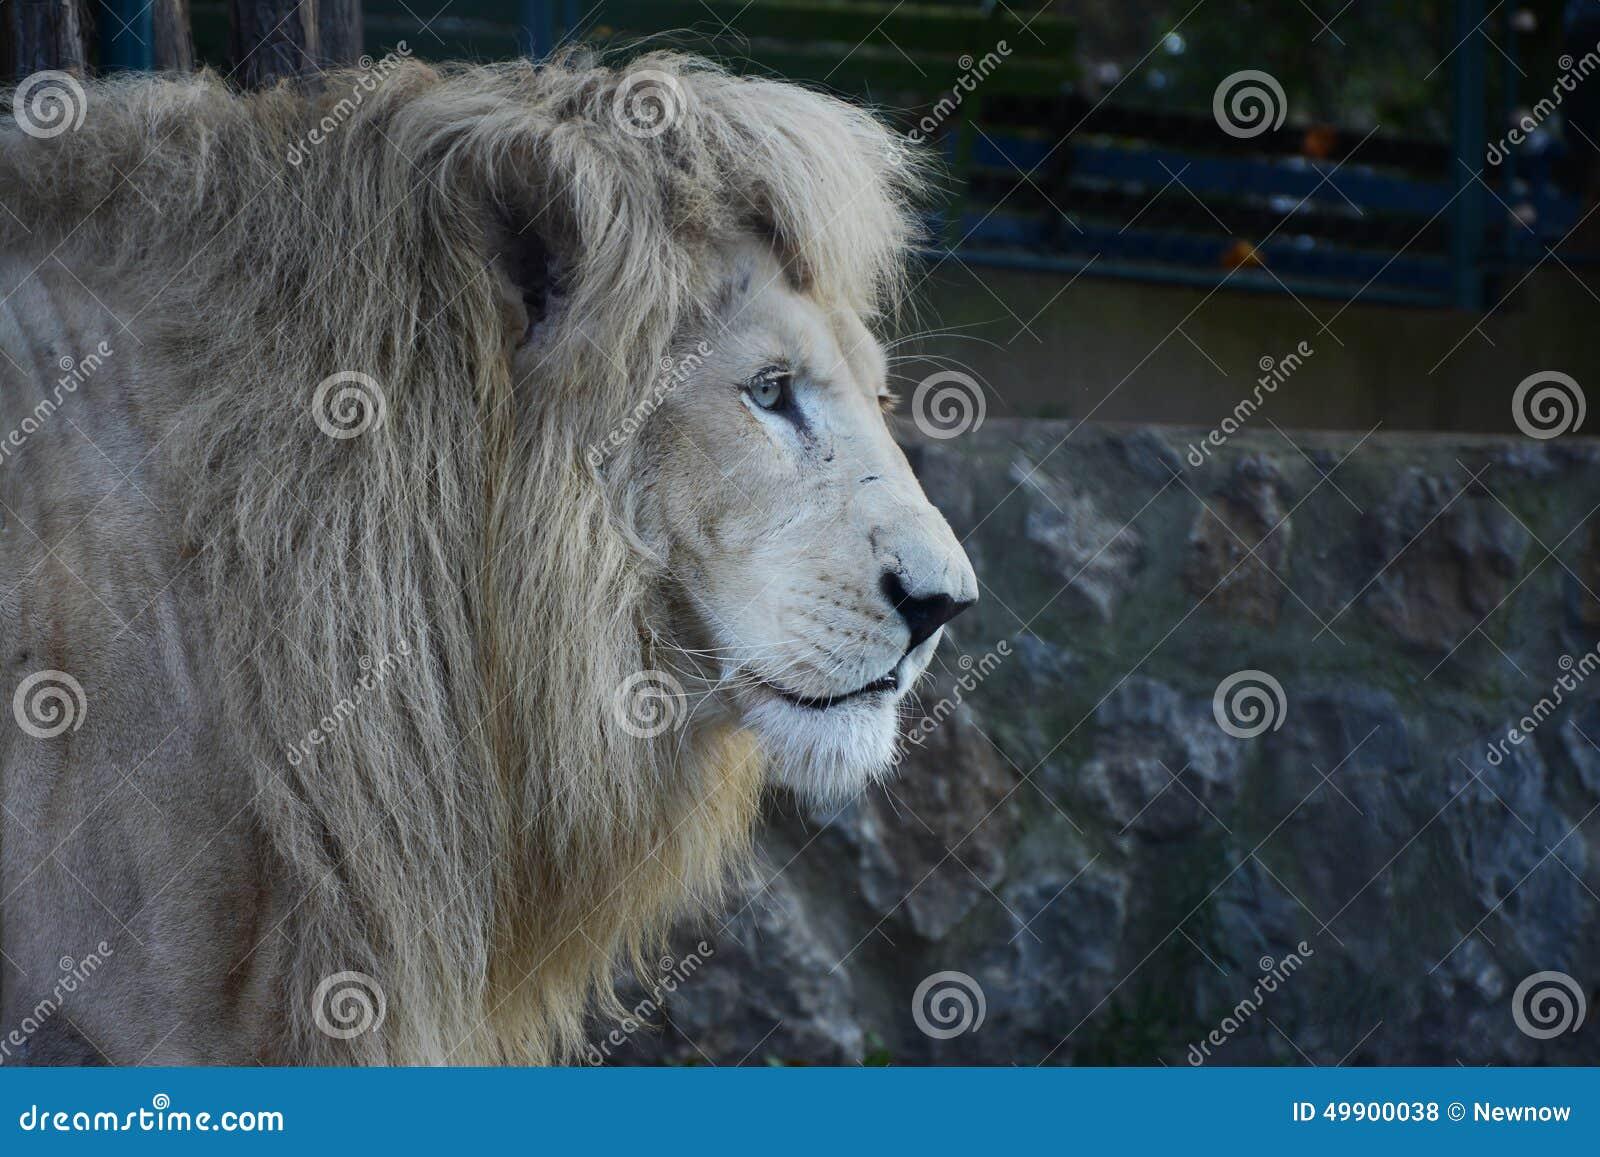 图片库存在动物园里狮子照片-武术:49900038普宁白色舞狮子客家图片